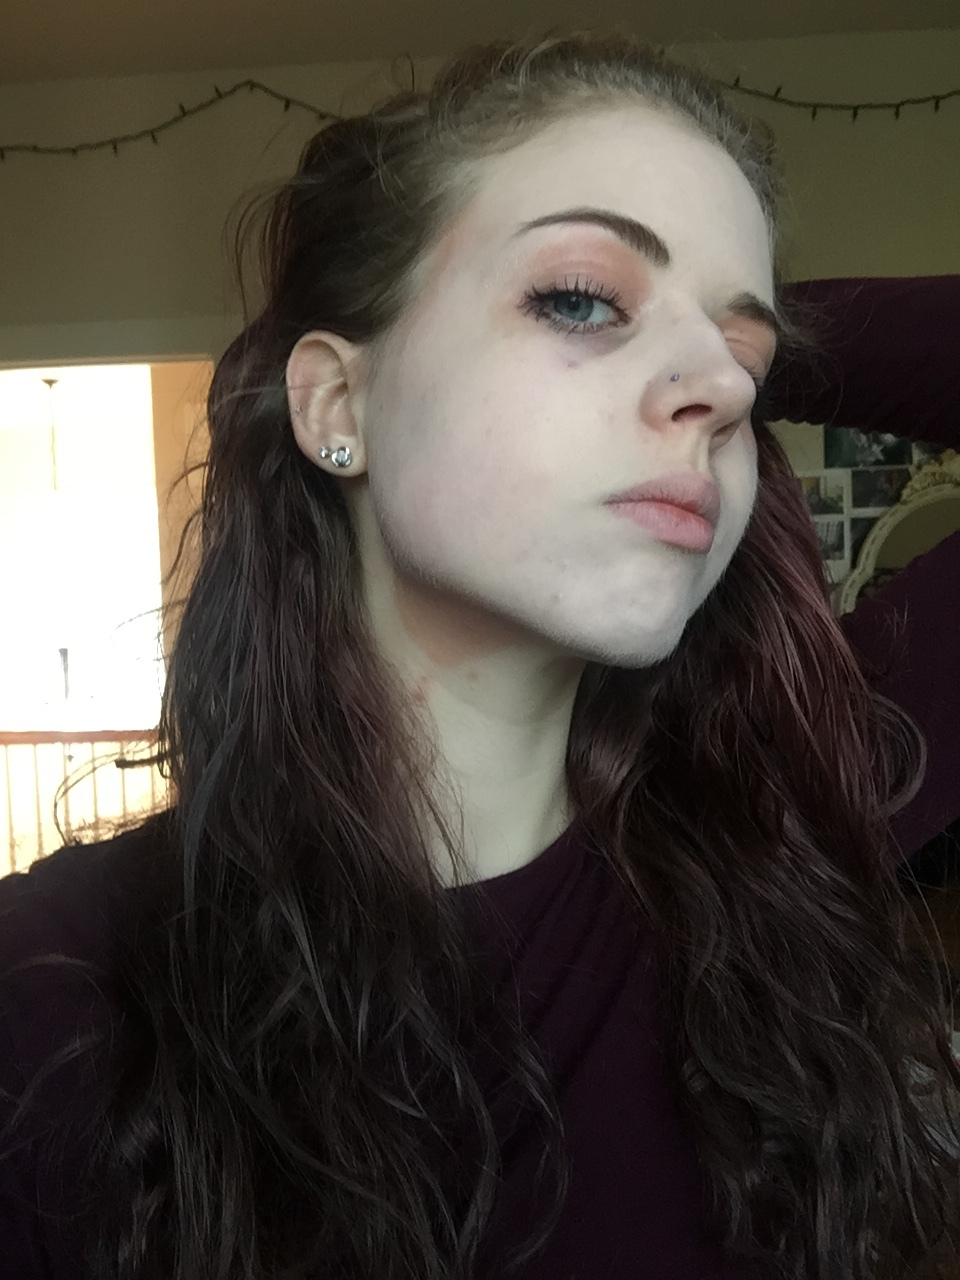 With Makeup Pt. 3